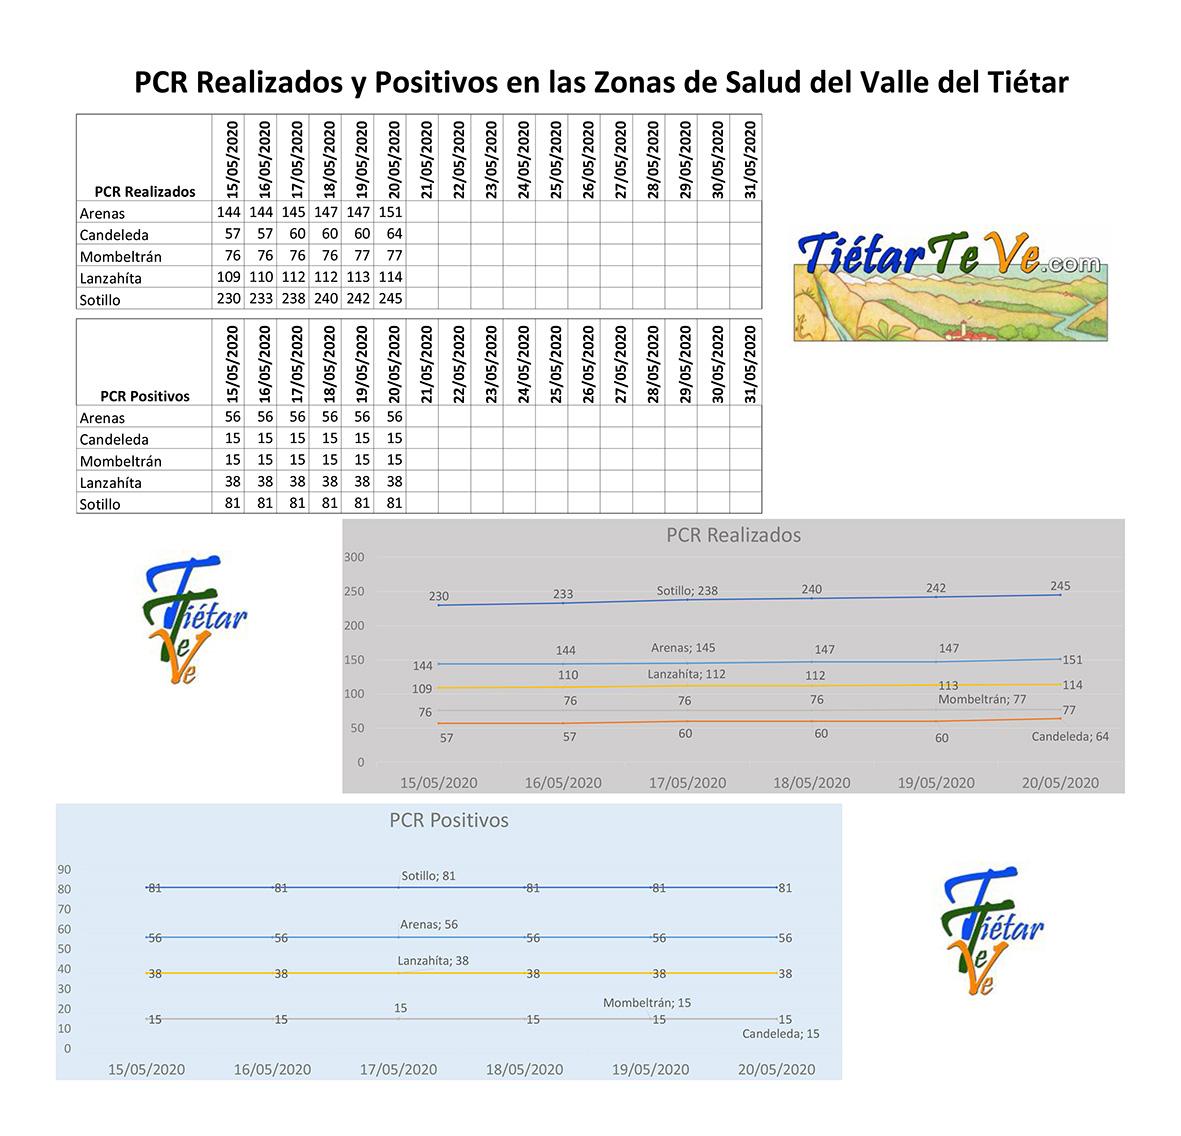 2020-05-20 Casos Coronavirus en el Valle del Tiétar - TiétarTeVe